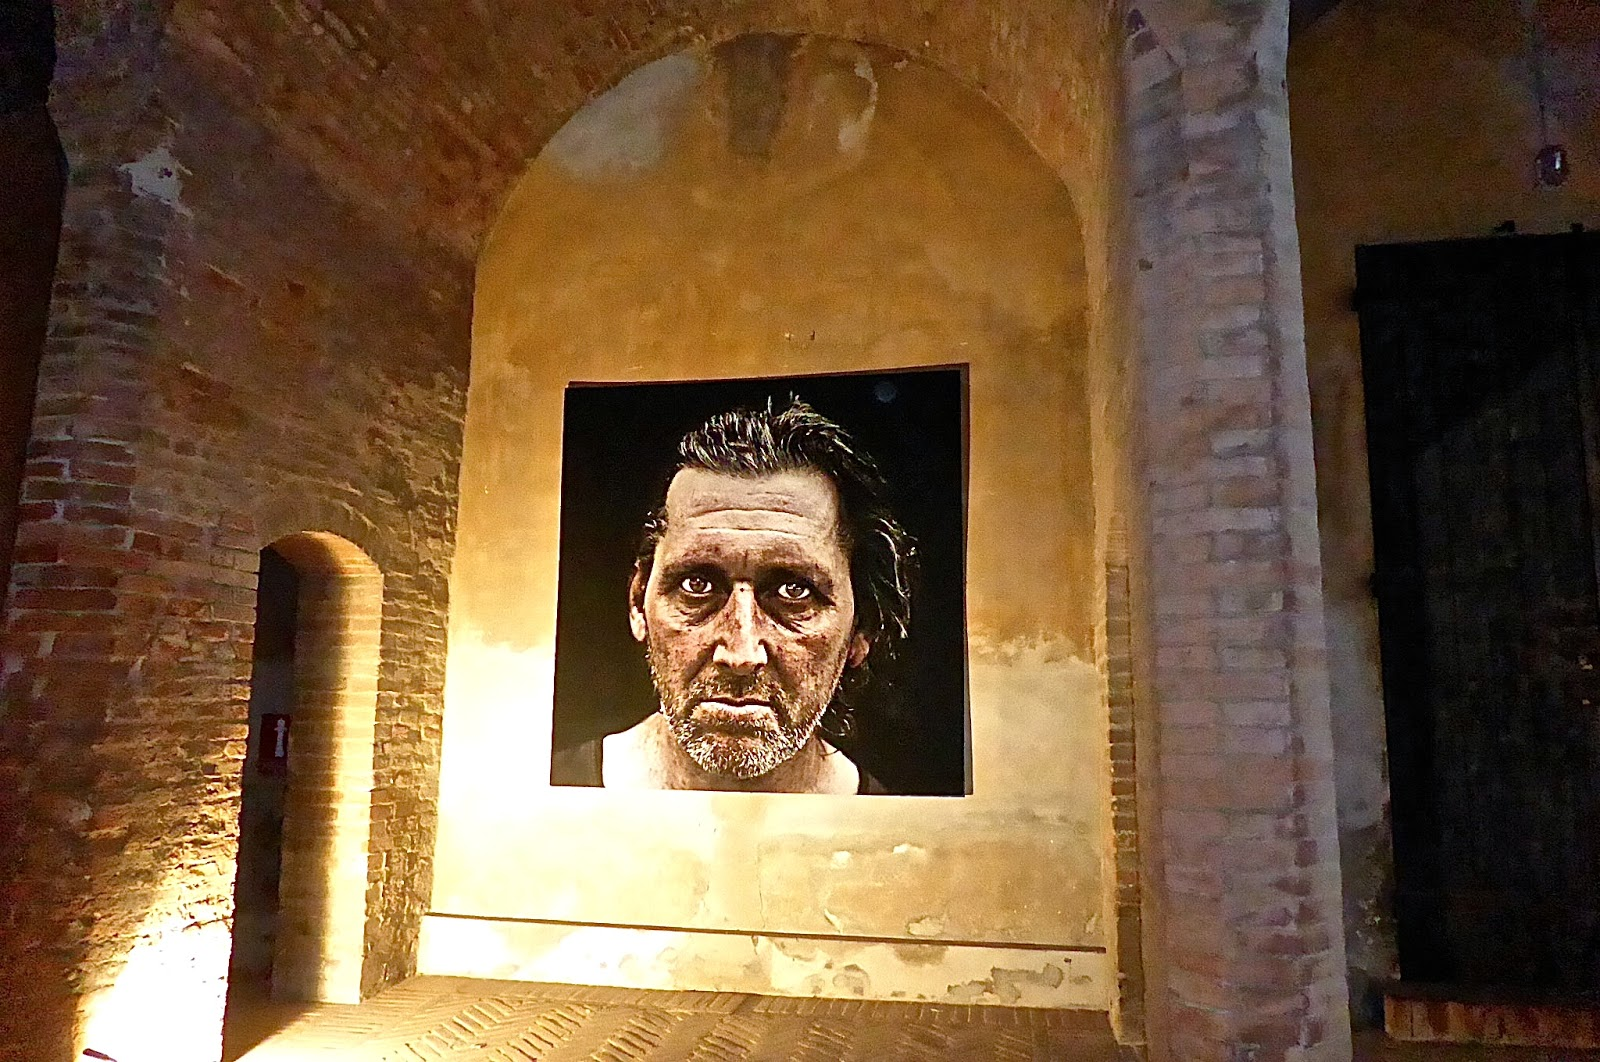 Facciamo un giro in centro in visibili mostra fotografica for Casa artigiana progetta il maestro del primo piano